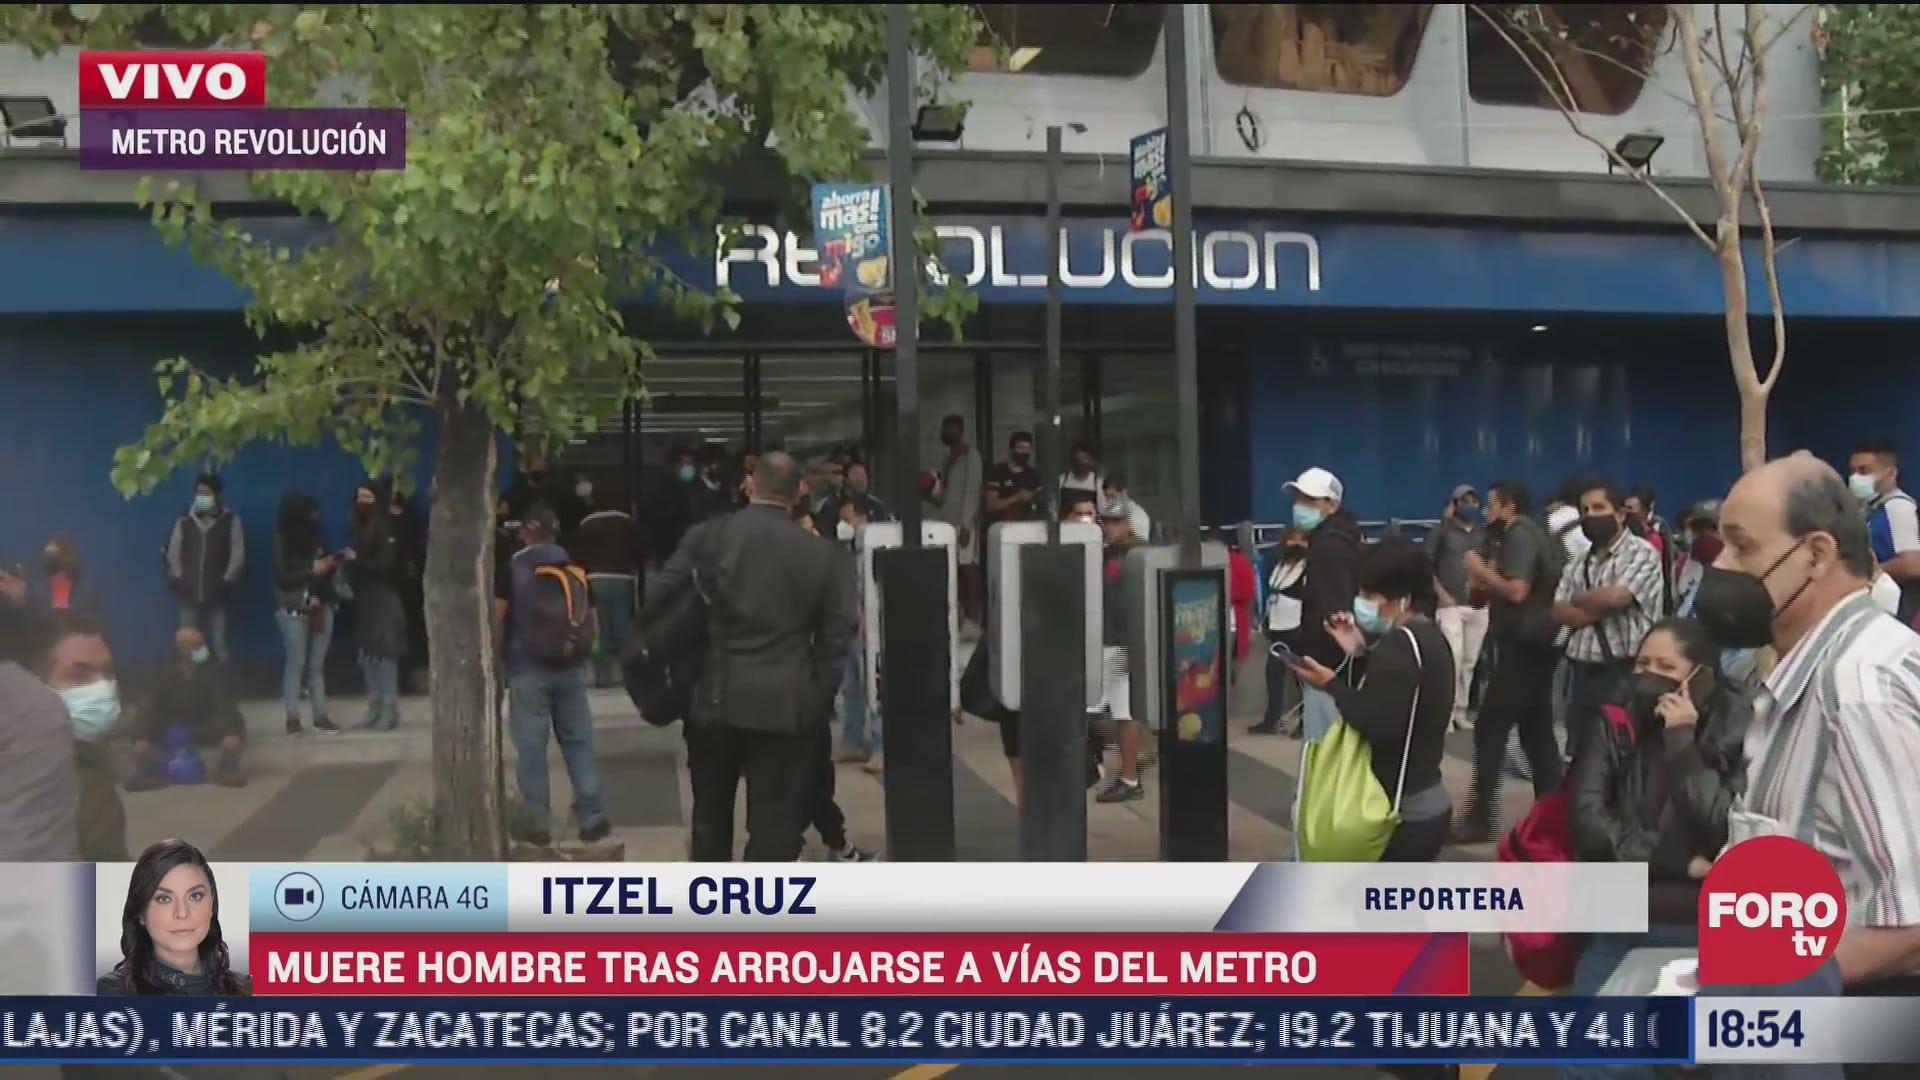 muere hombre tras arrojarse a las vias del metro revolucion